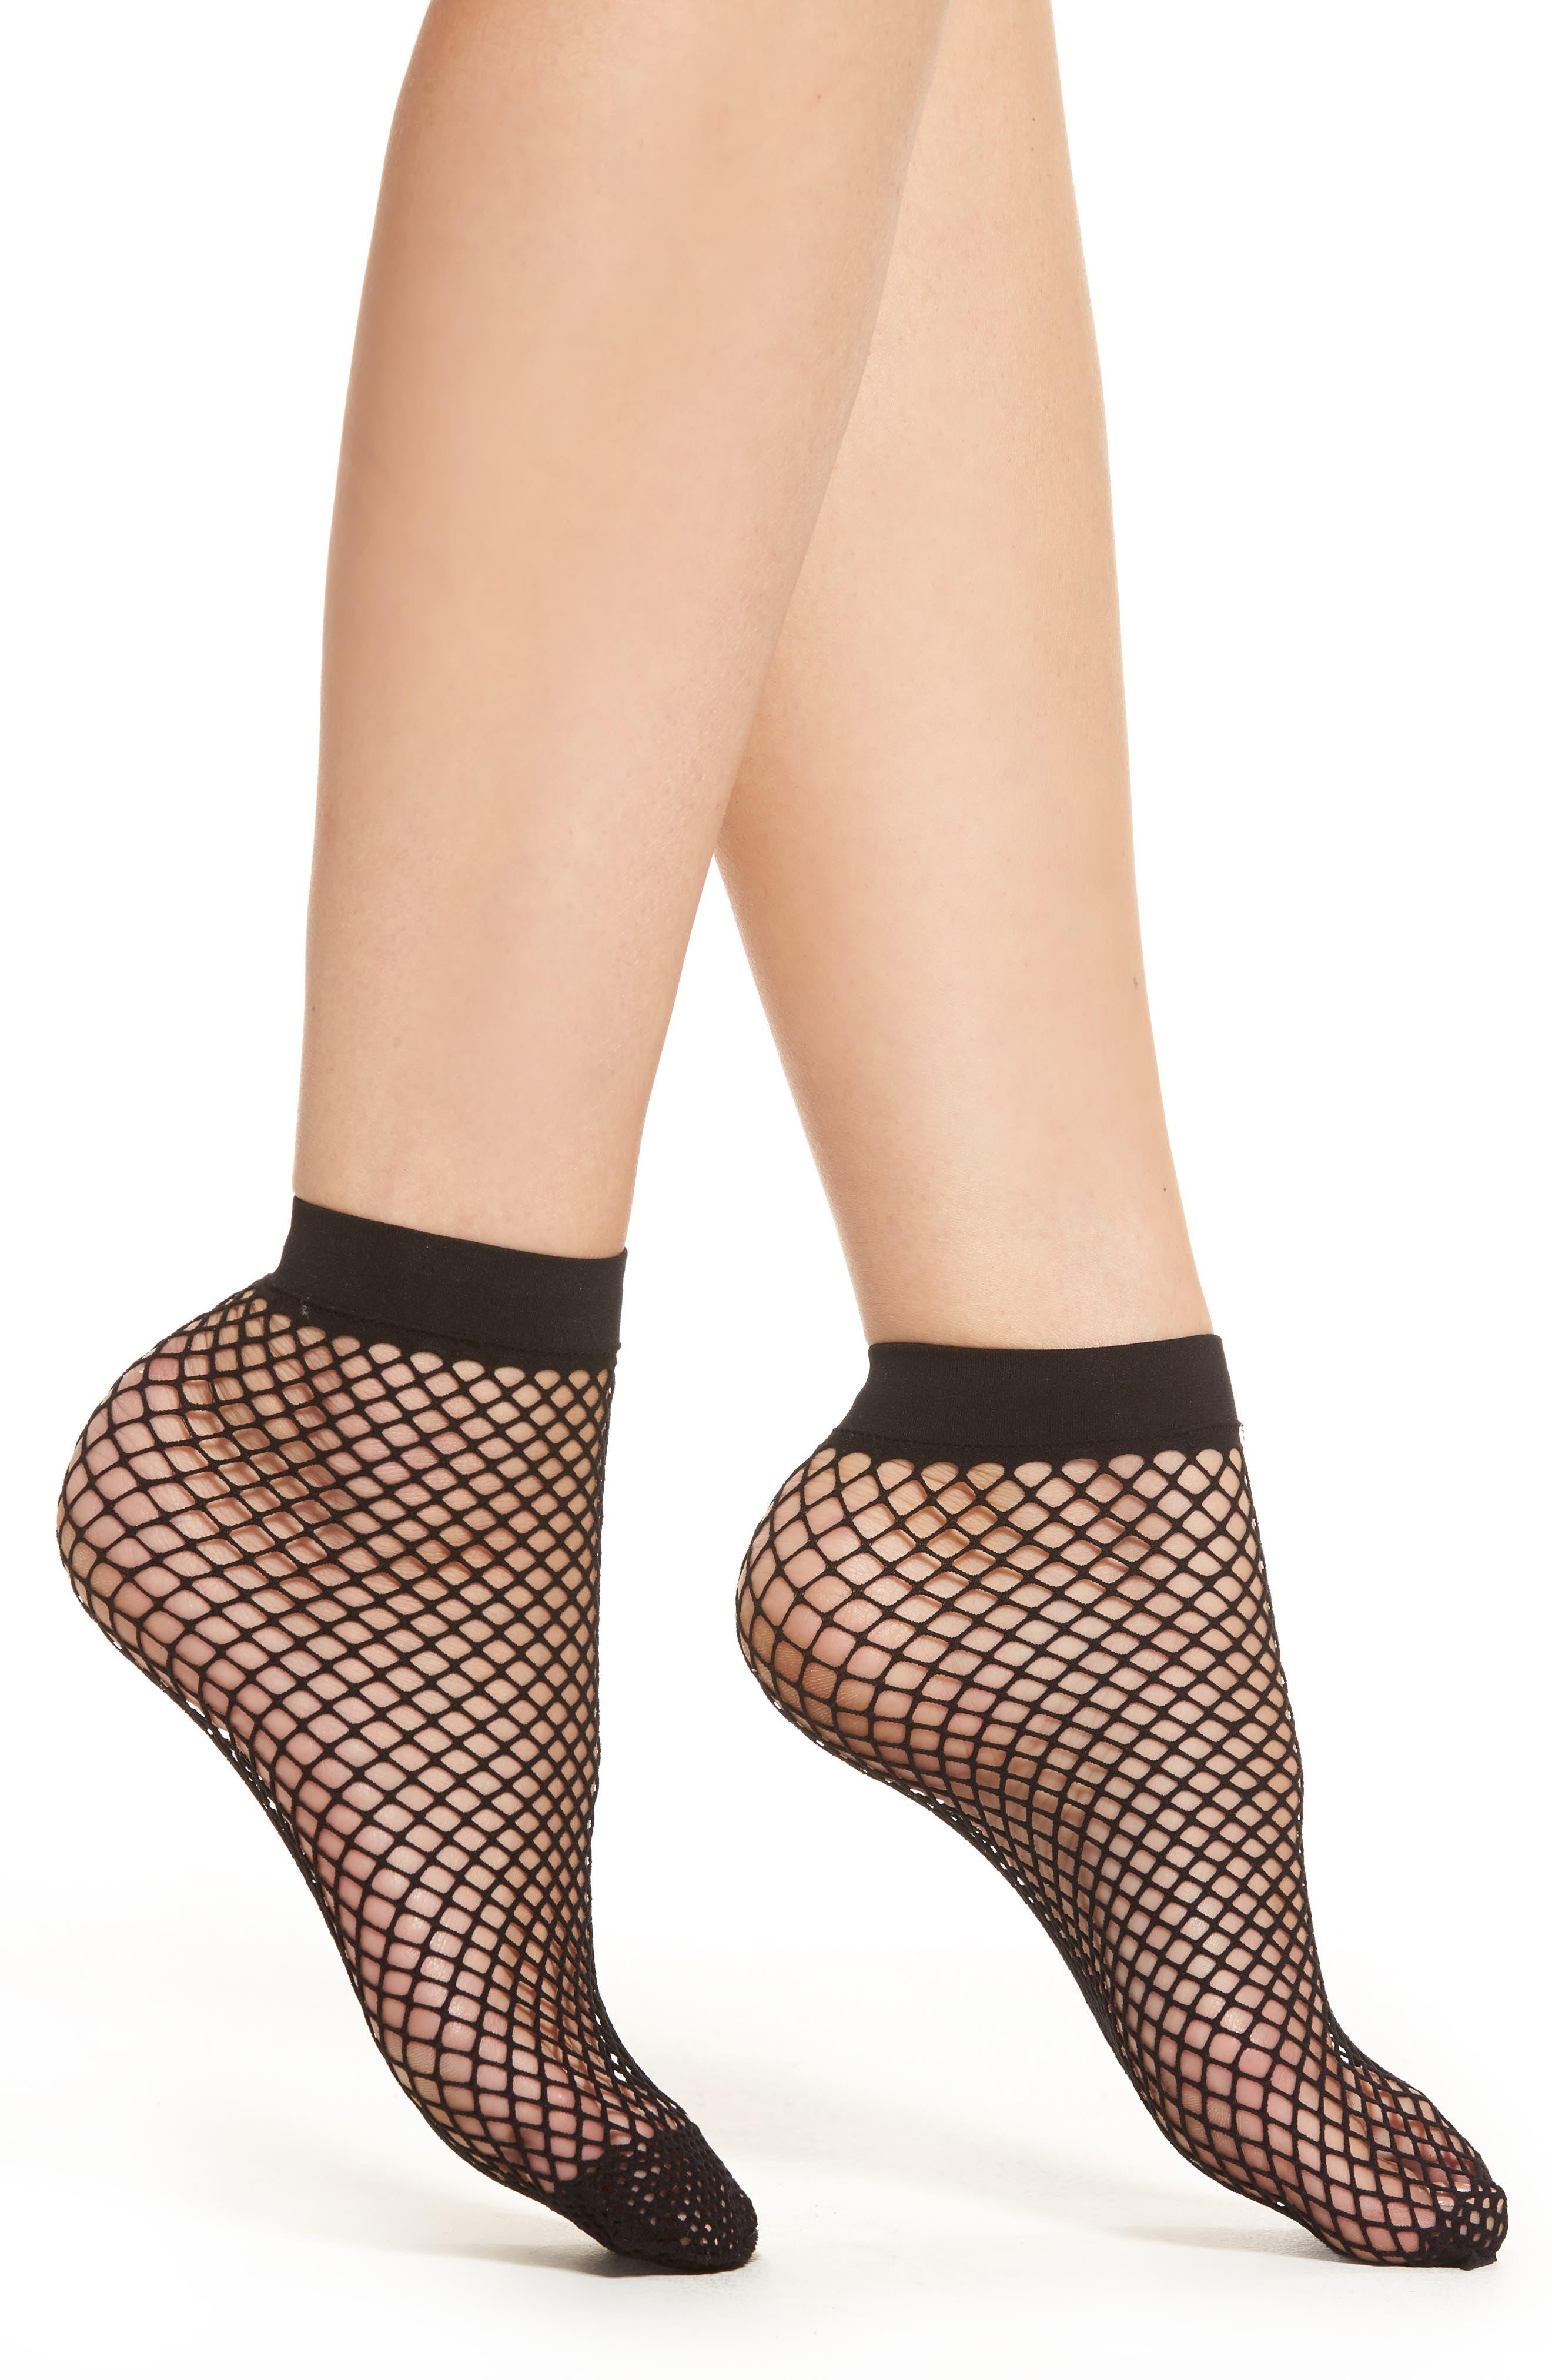 Capelli New York Fishnet Ankle Socks